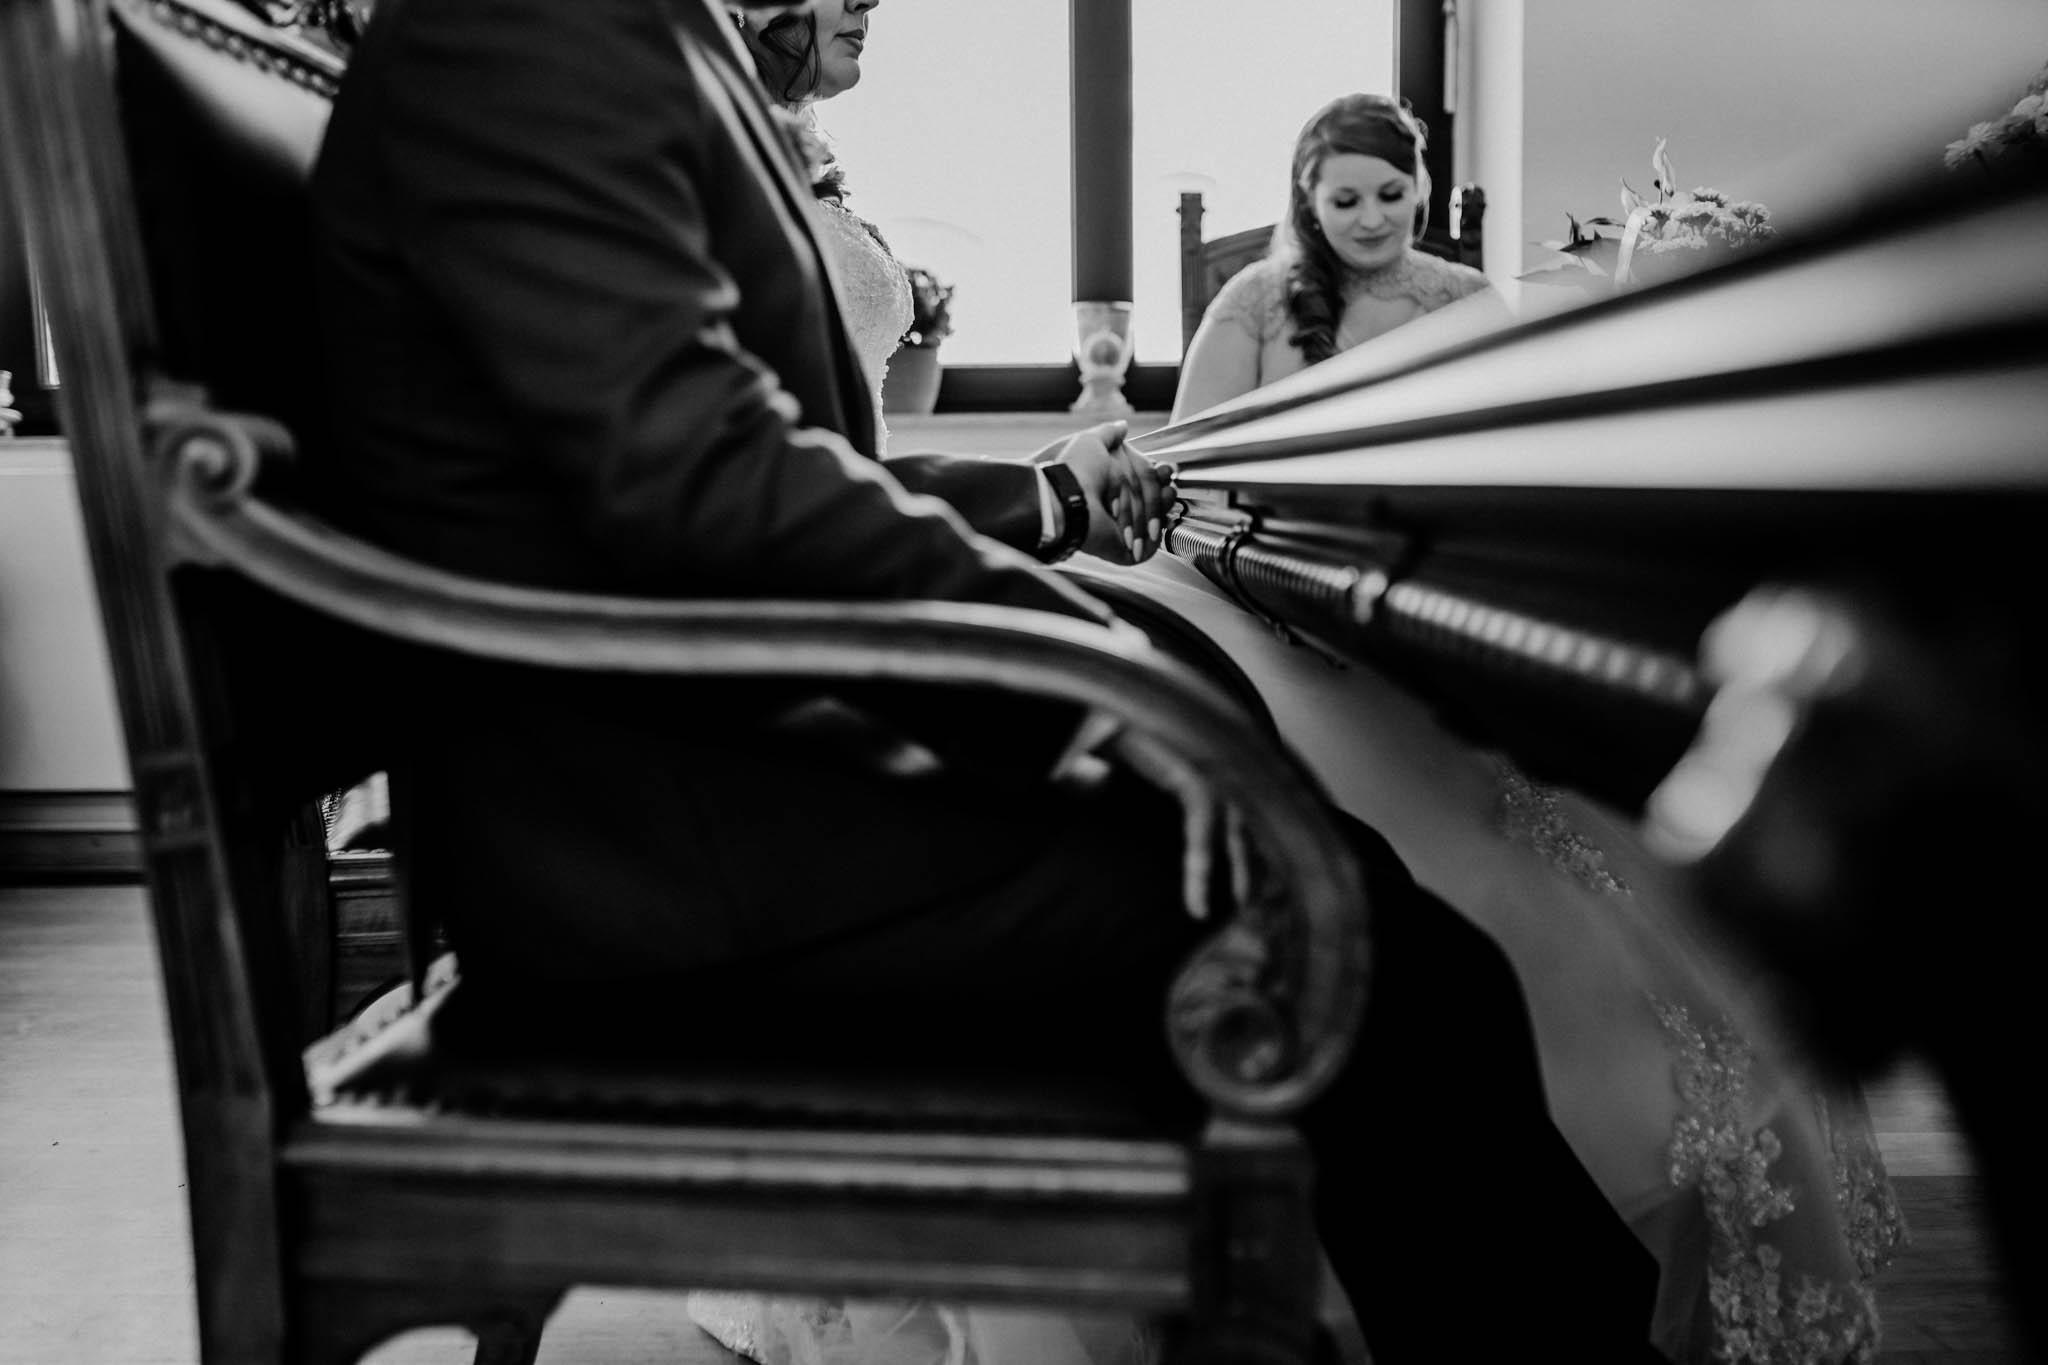 Hochzeitsfieber by Photo-Schomburg, Hochzeitsfotograf, Hamburg, Altona, wedding, Standesamt Altona, Appen, Hochzeitsshooting, Hochzeitstag, Brautpaar-45